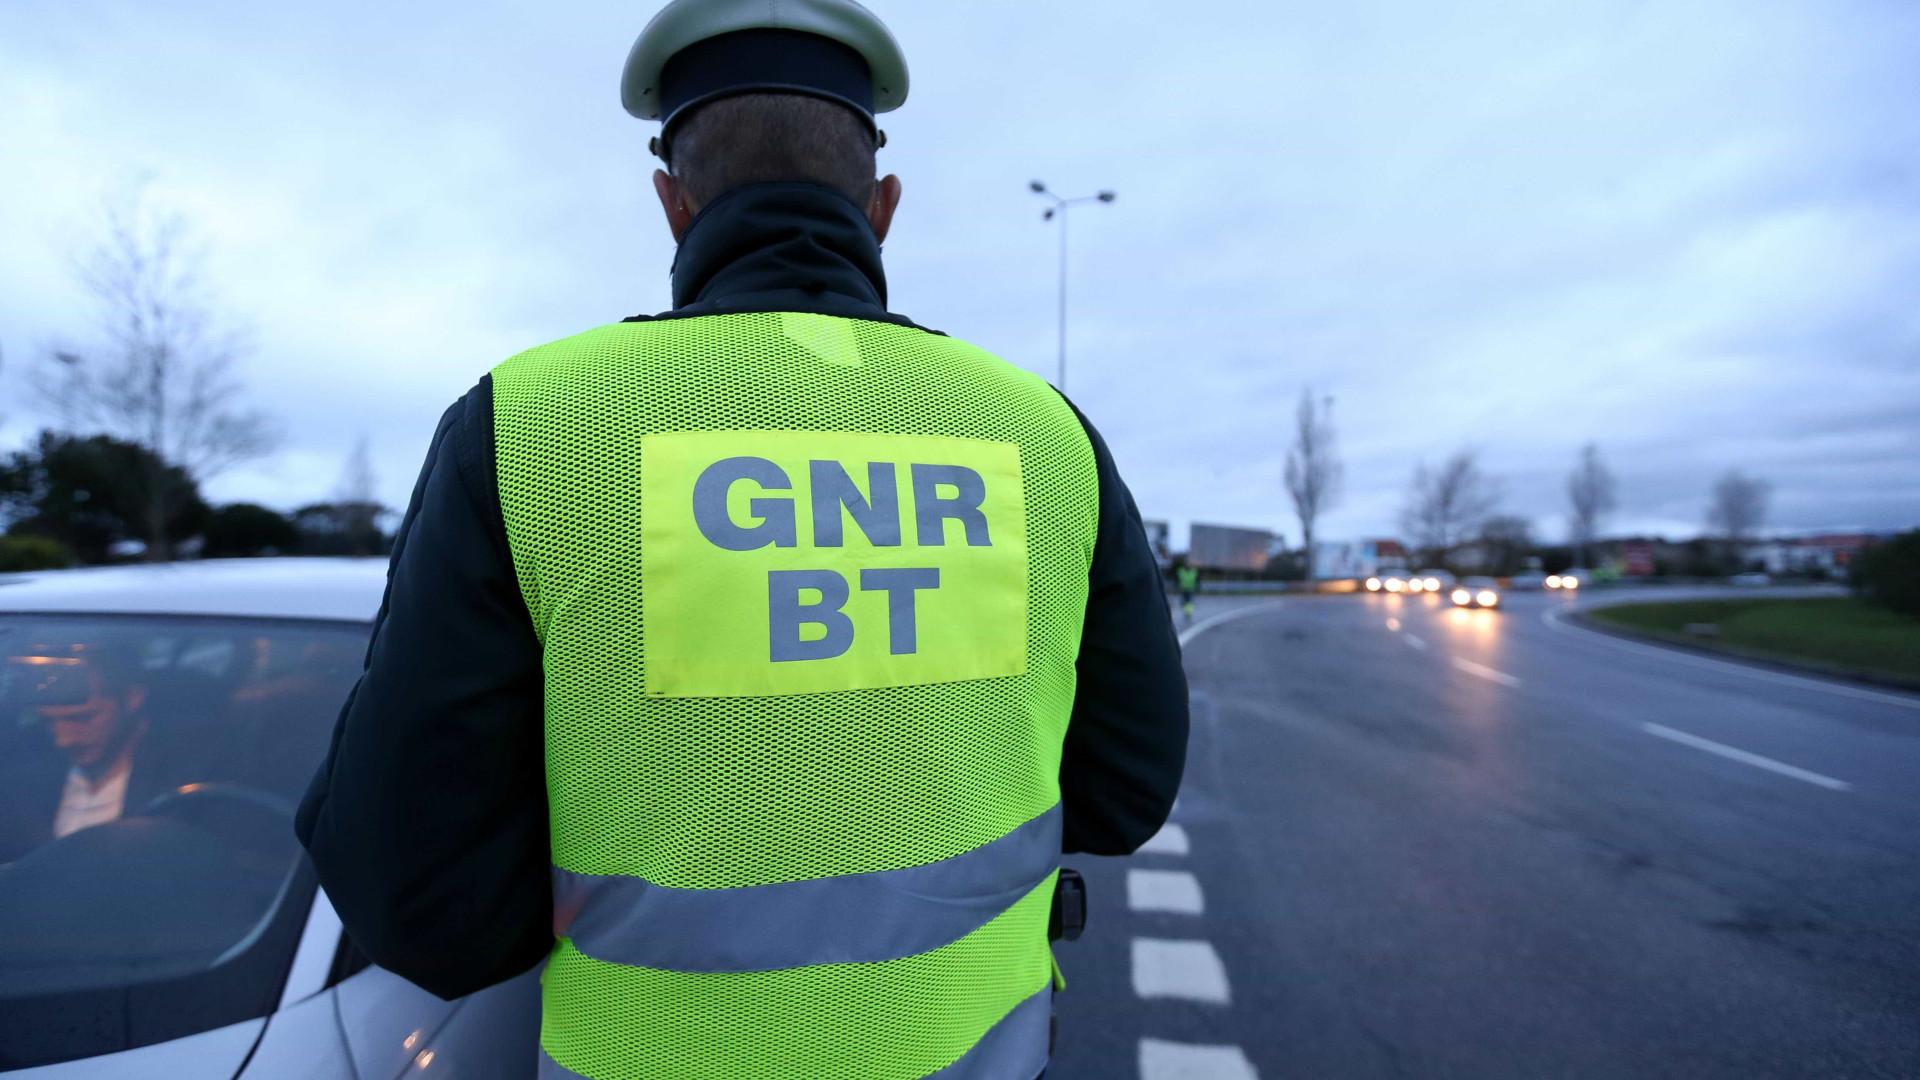 Homem em fuga desde janeiro por agressão a GNR foi detido